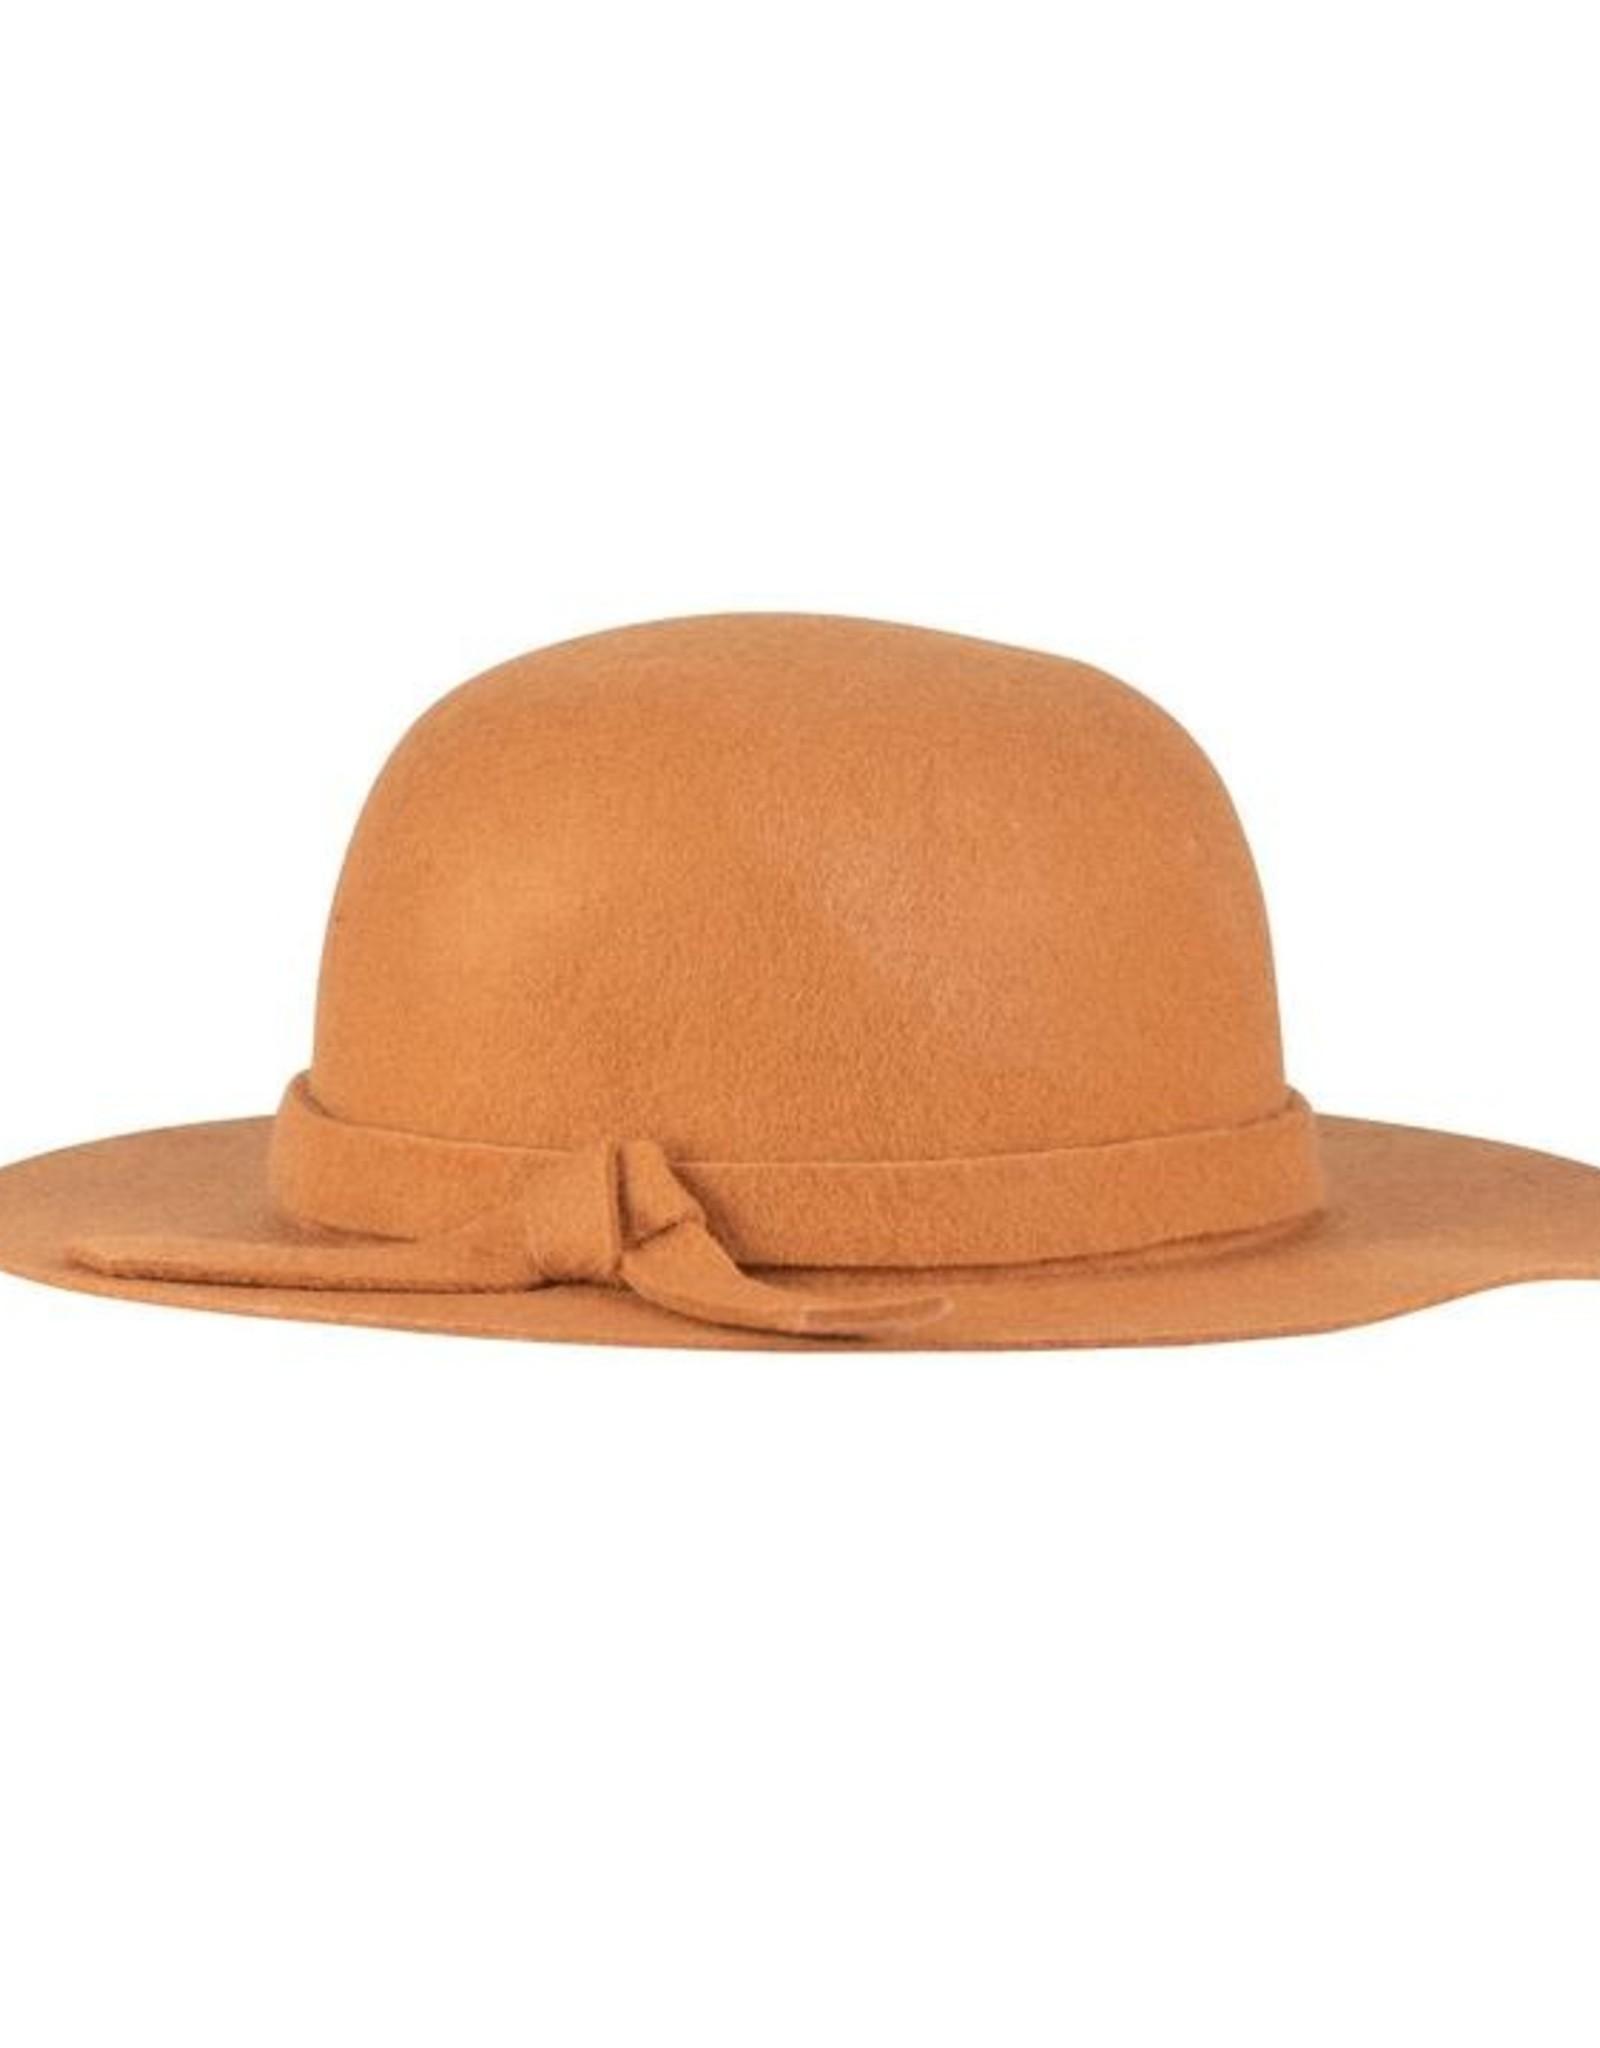 DeuxParDeux FA21 G Brown Felt Hat